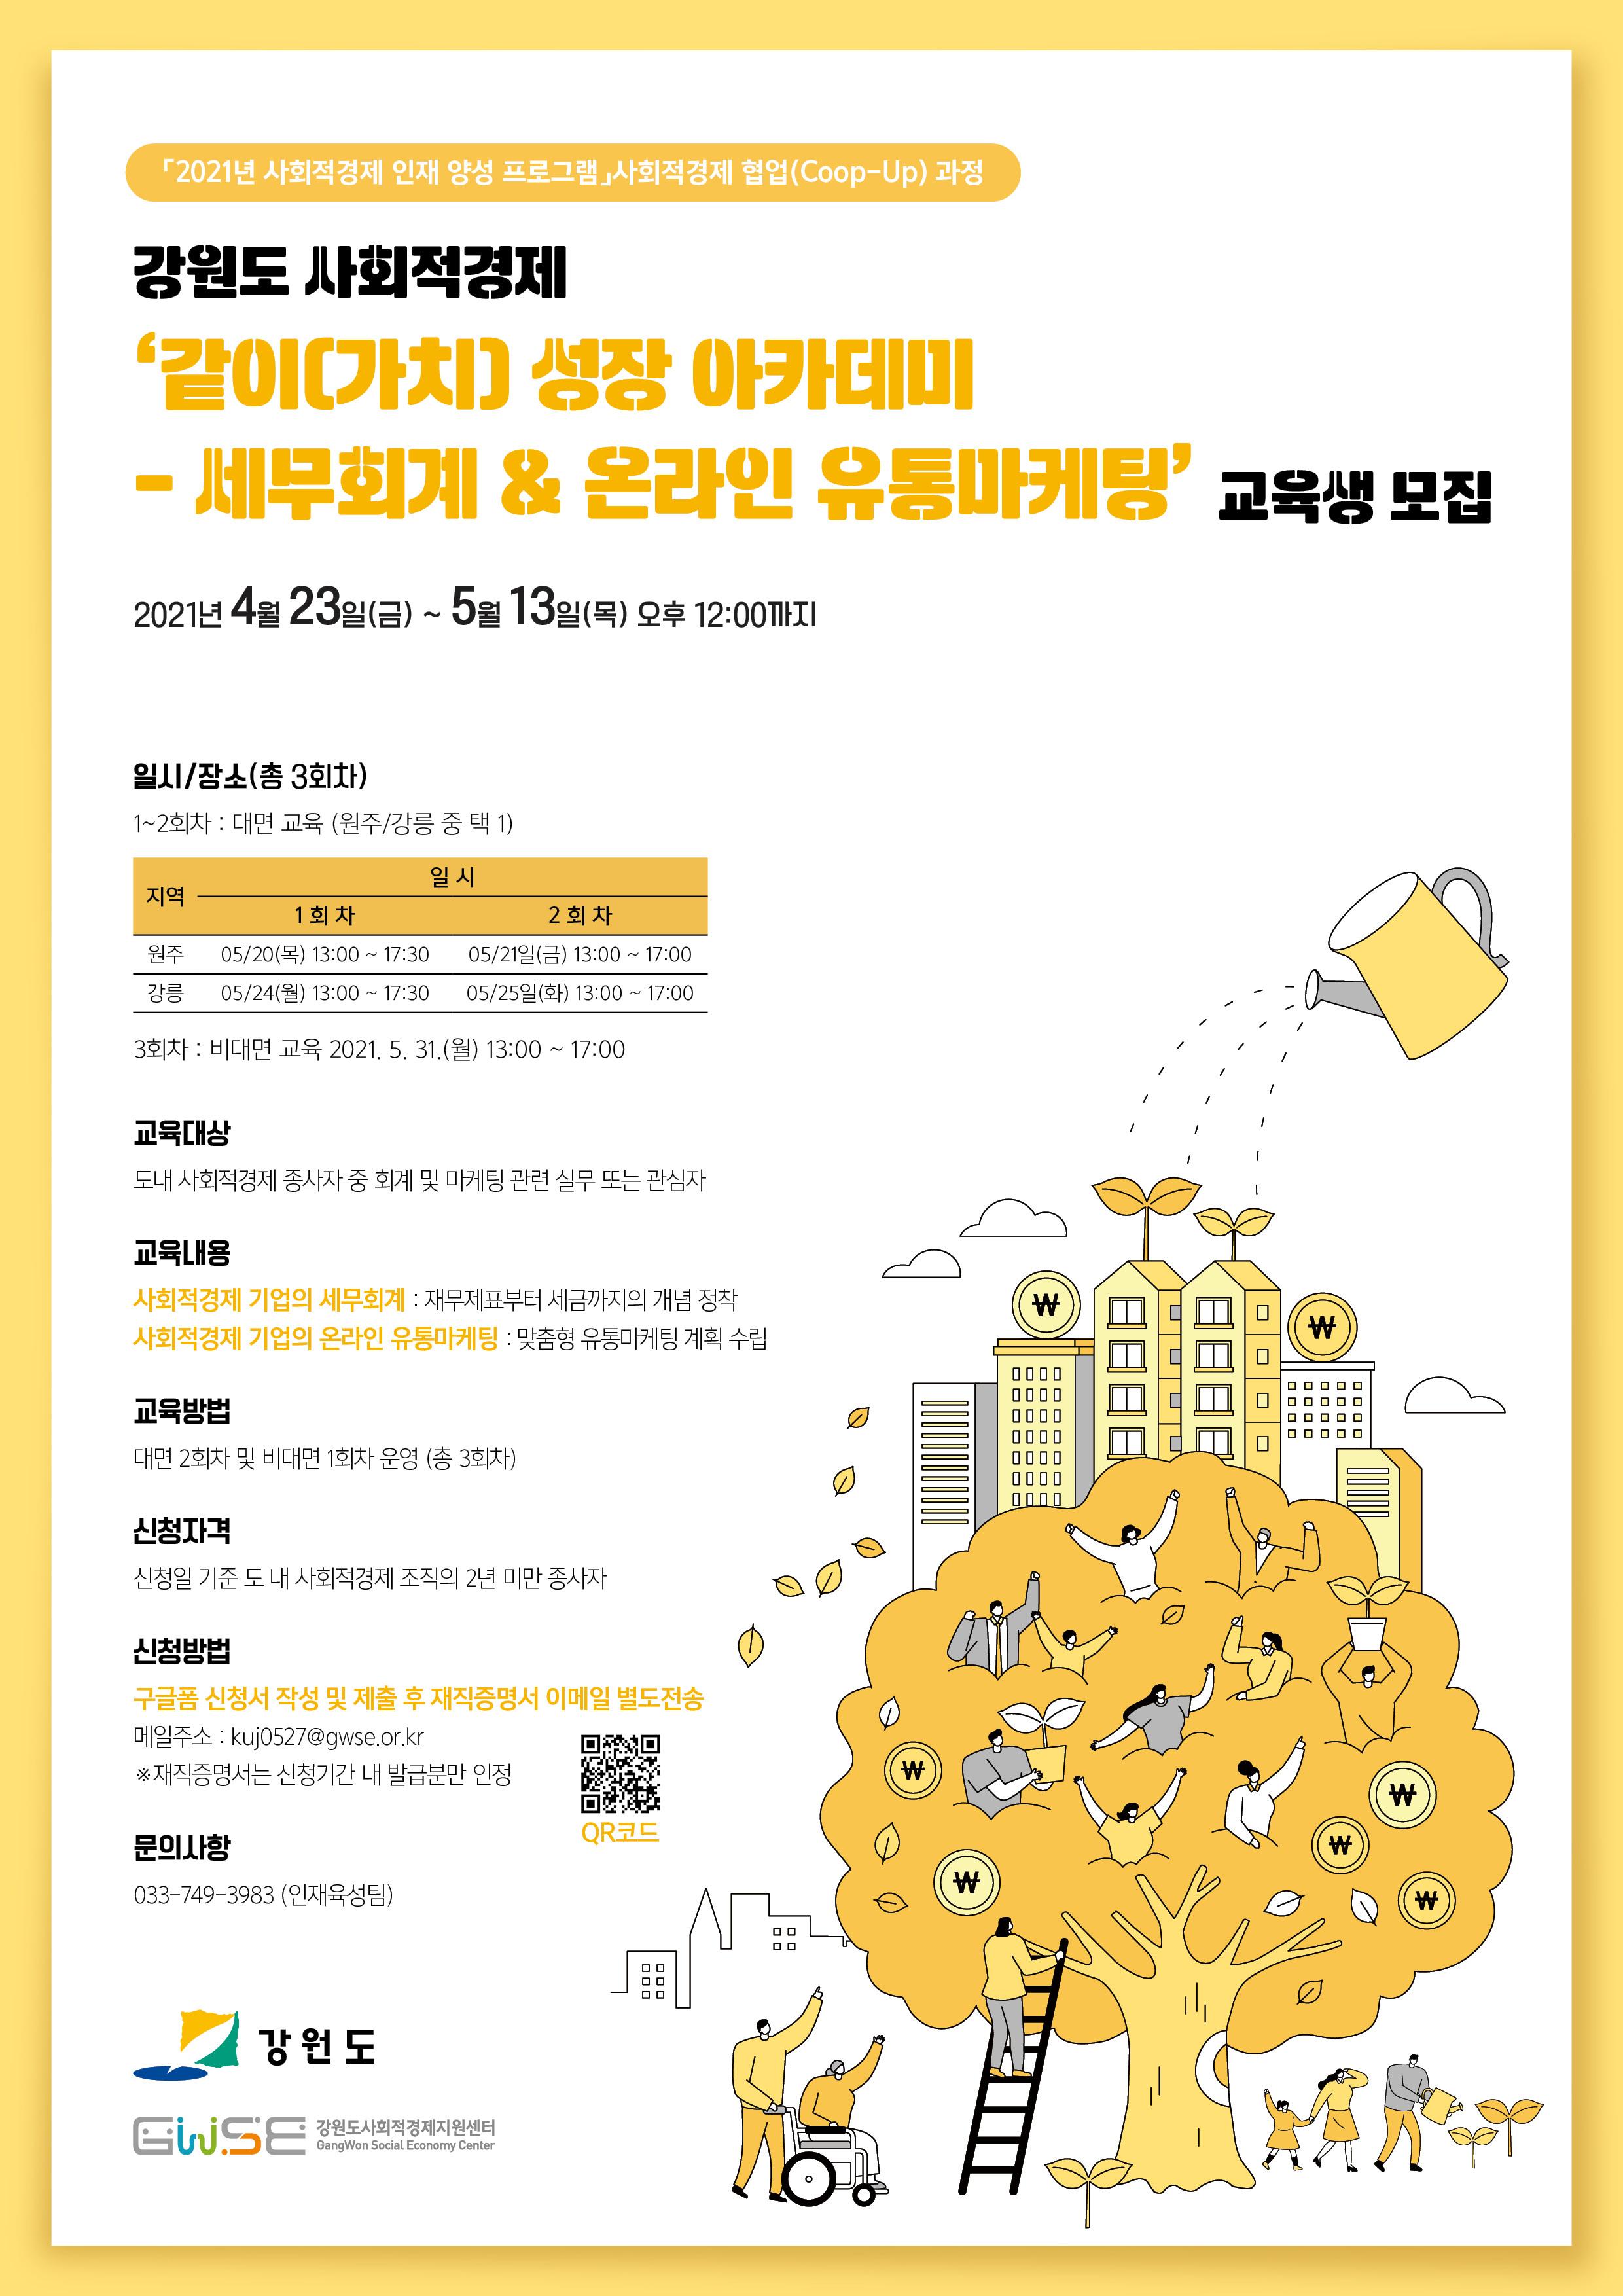 [안내] 강원도사회적경제지원센터 | 강원도 사회적경제 '같이(가치) 성장 아카데미 - 세무회계 & 온라인 유통마케팅'교육생 모집 공고